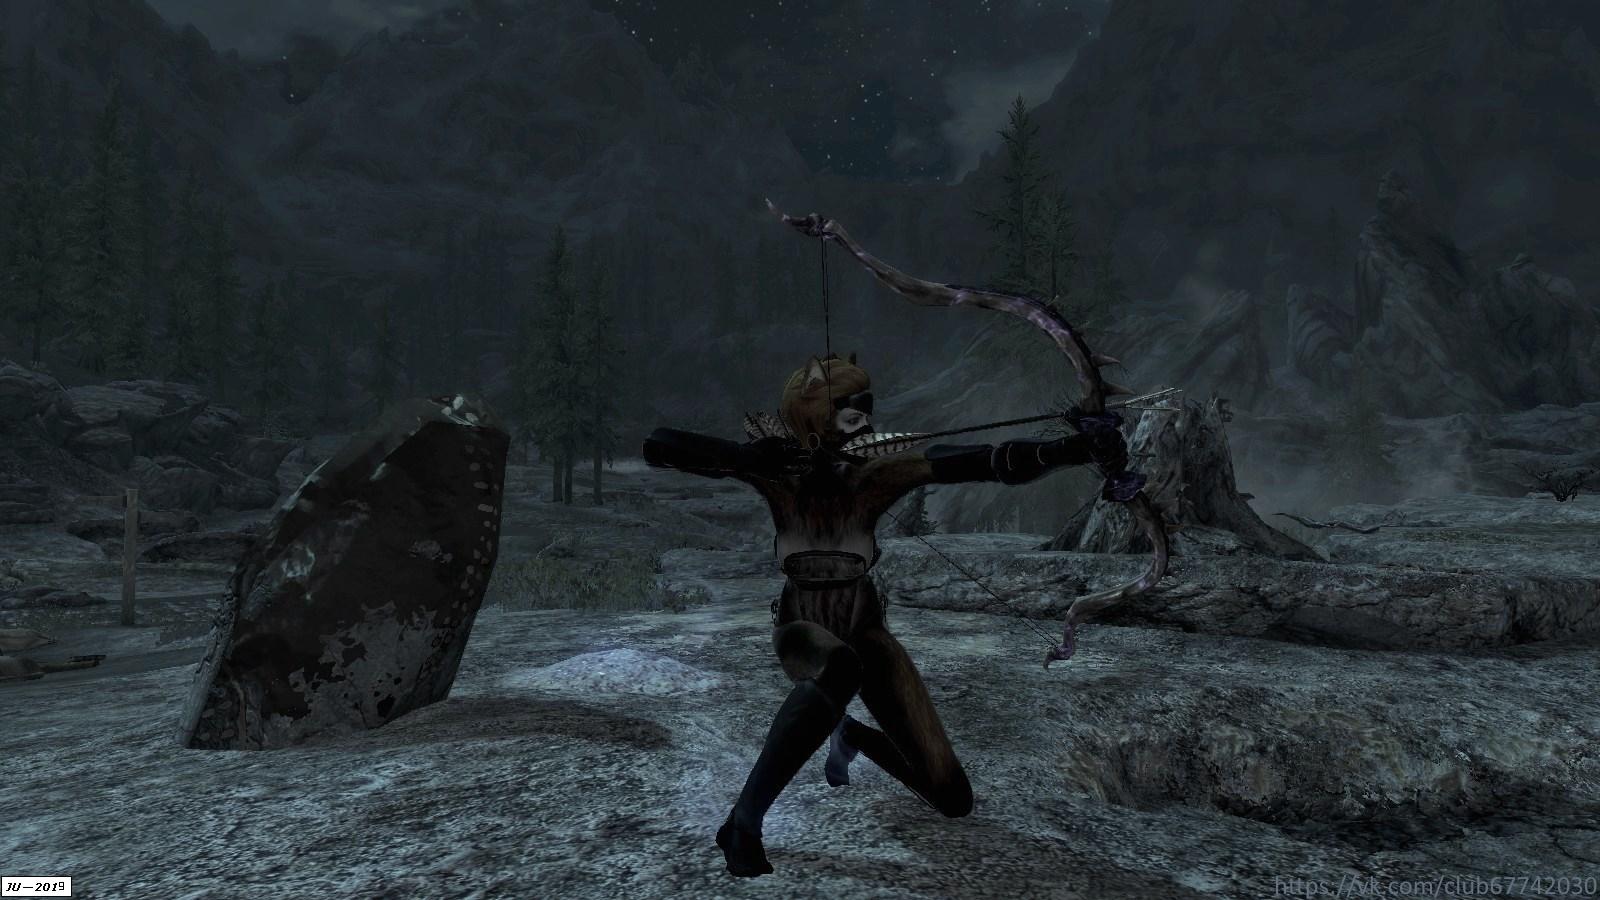 Раса Kitsune - Elder Scrolls 5: Skyrim, the KitsuneRace